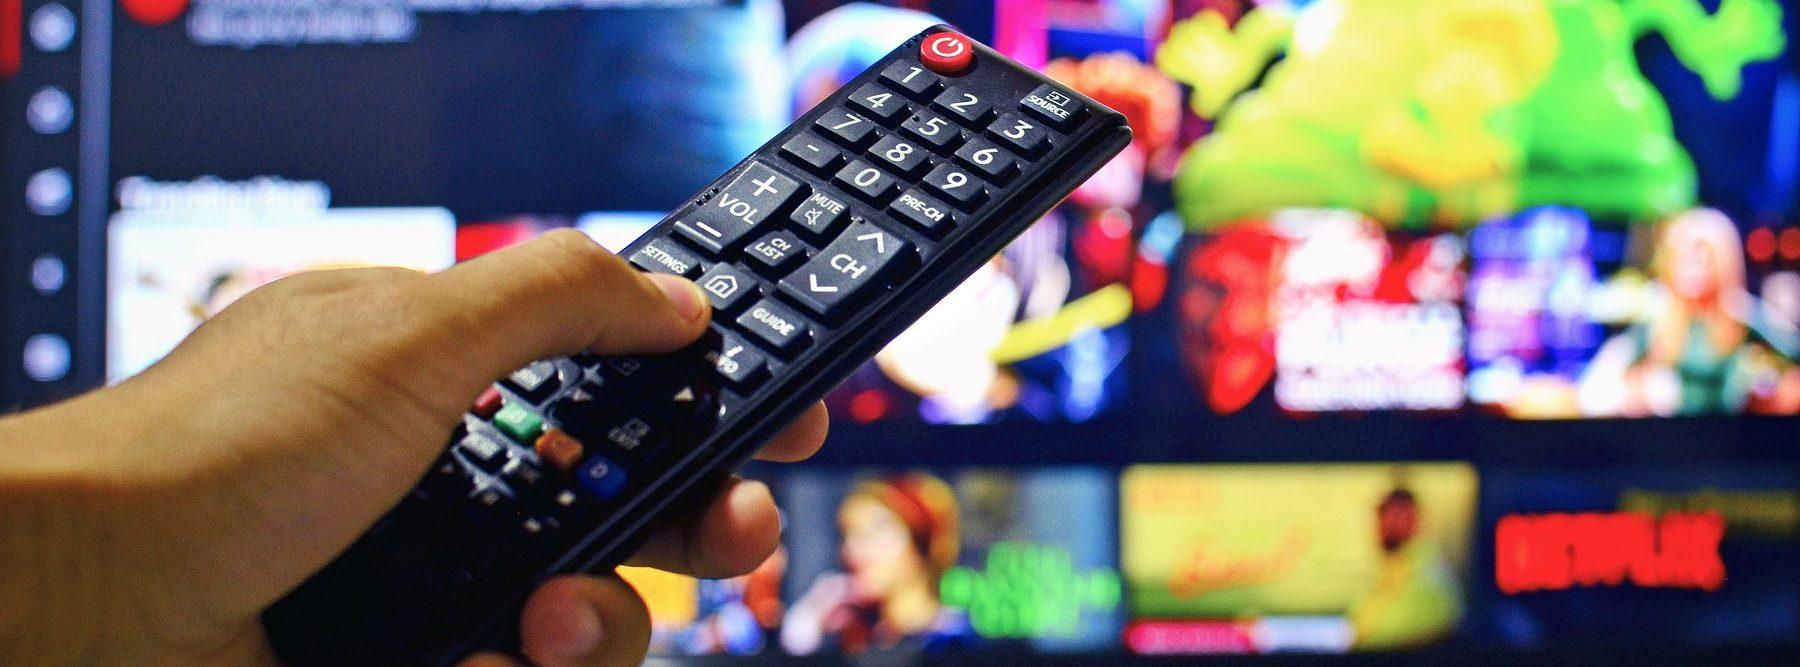 Los 4 mejores servicios de streaming para 2019